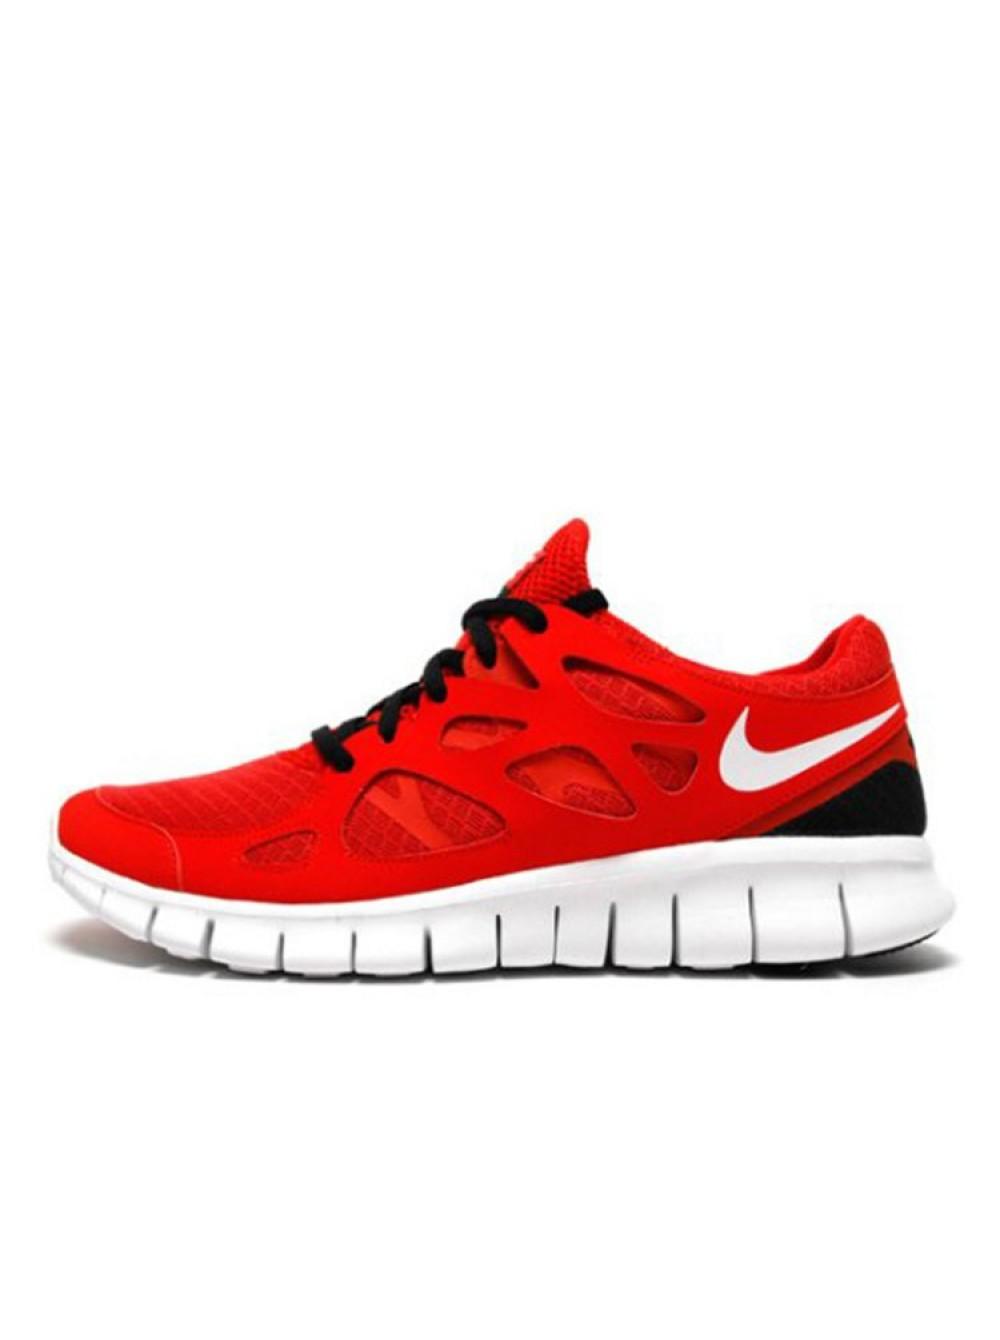 ad9daaf0 Беговые женские кроссовки Nike Free Run 2 заказать онлайн с достакой на дом  36-40р.